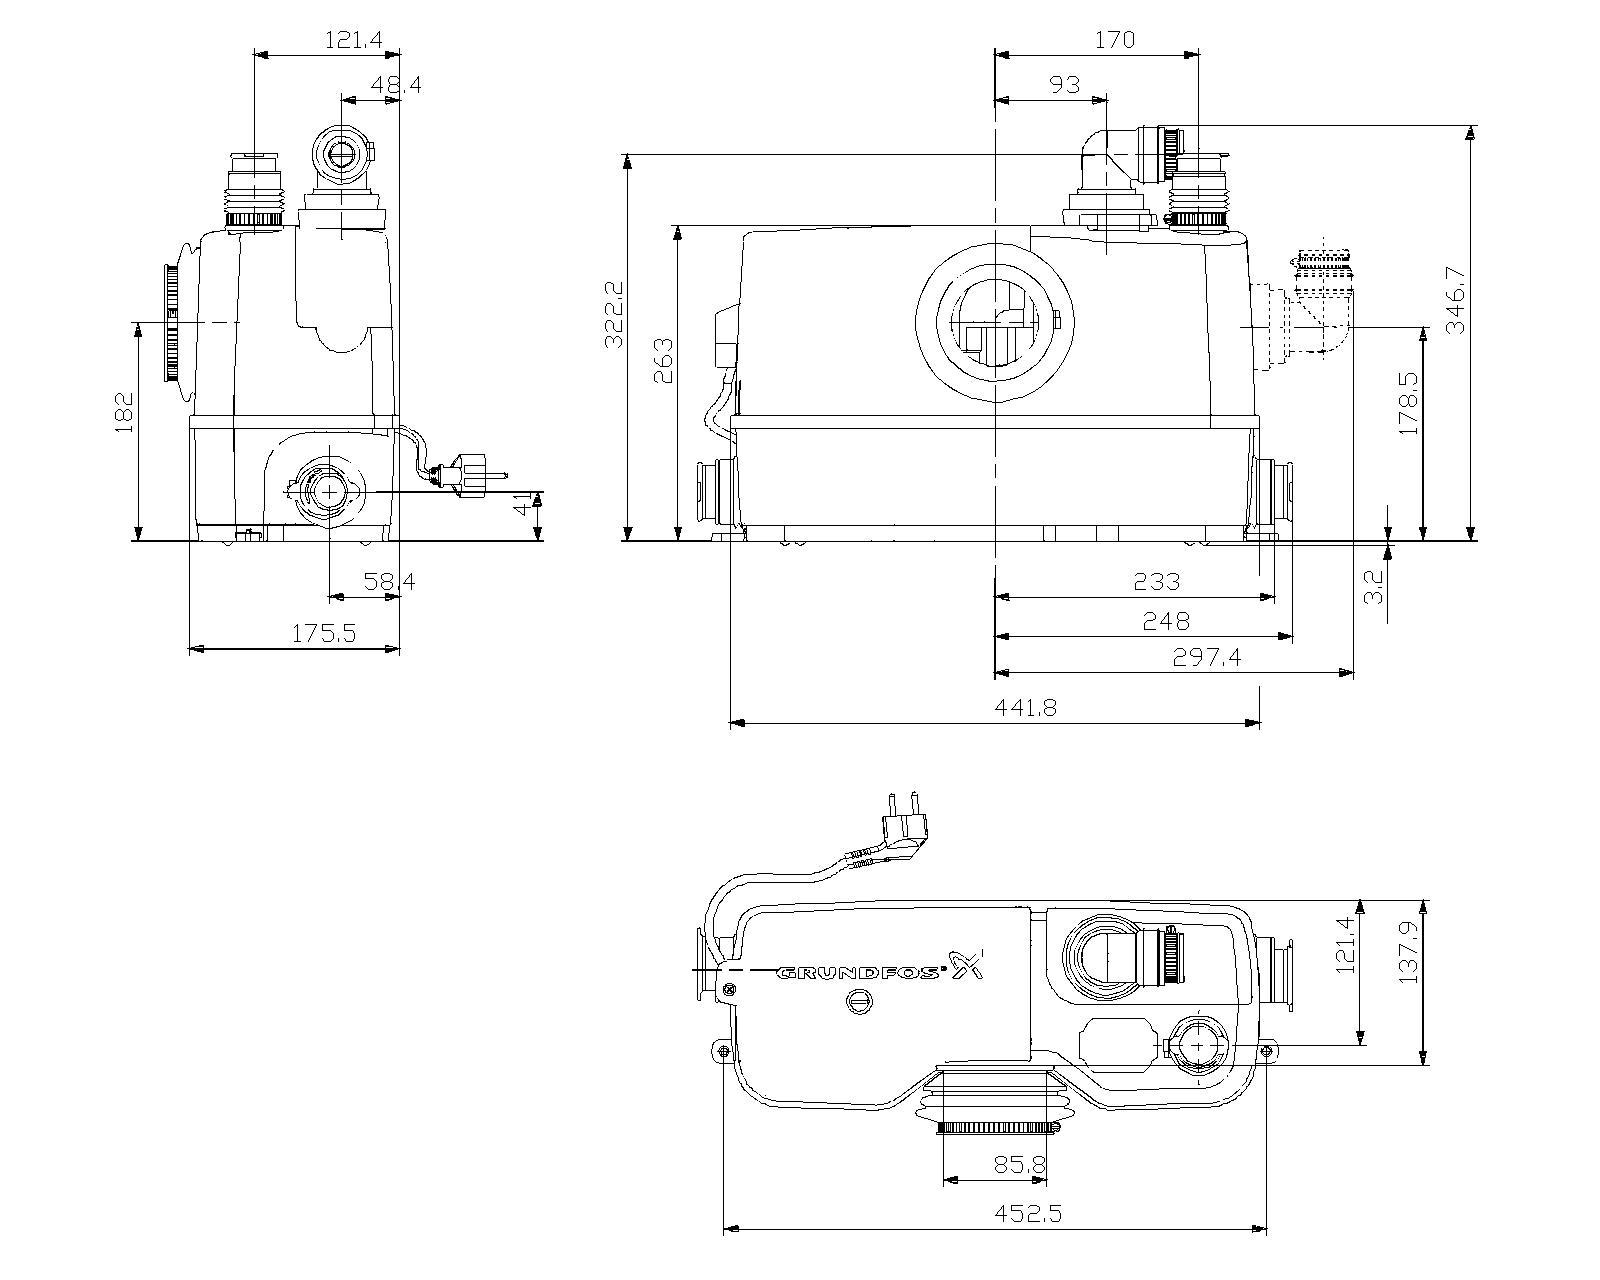 grundfos sololift2 wc 3 kleinhebeanlage g nstig kaufen 1a pumpen. Black Bedroom Furniture Sets. Home Design Ideas